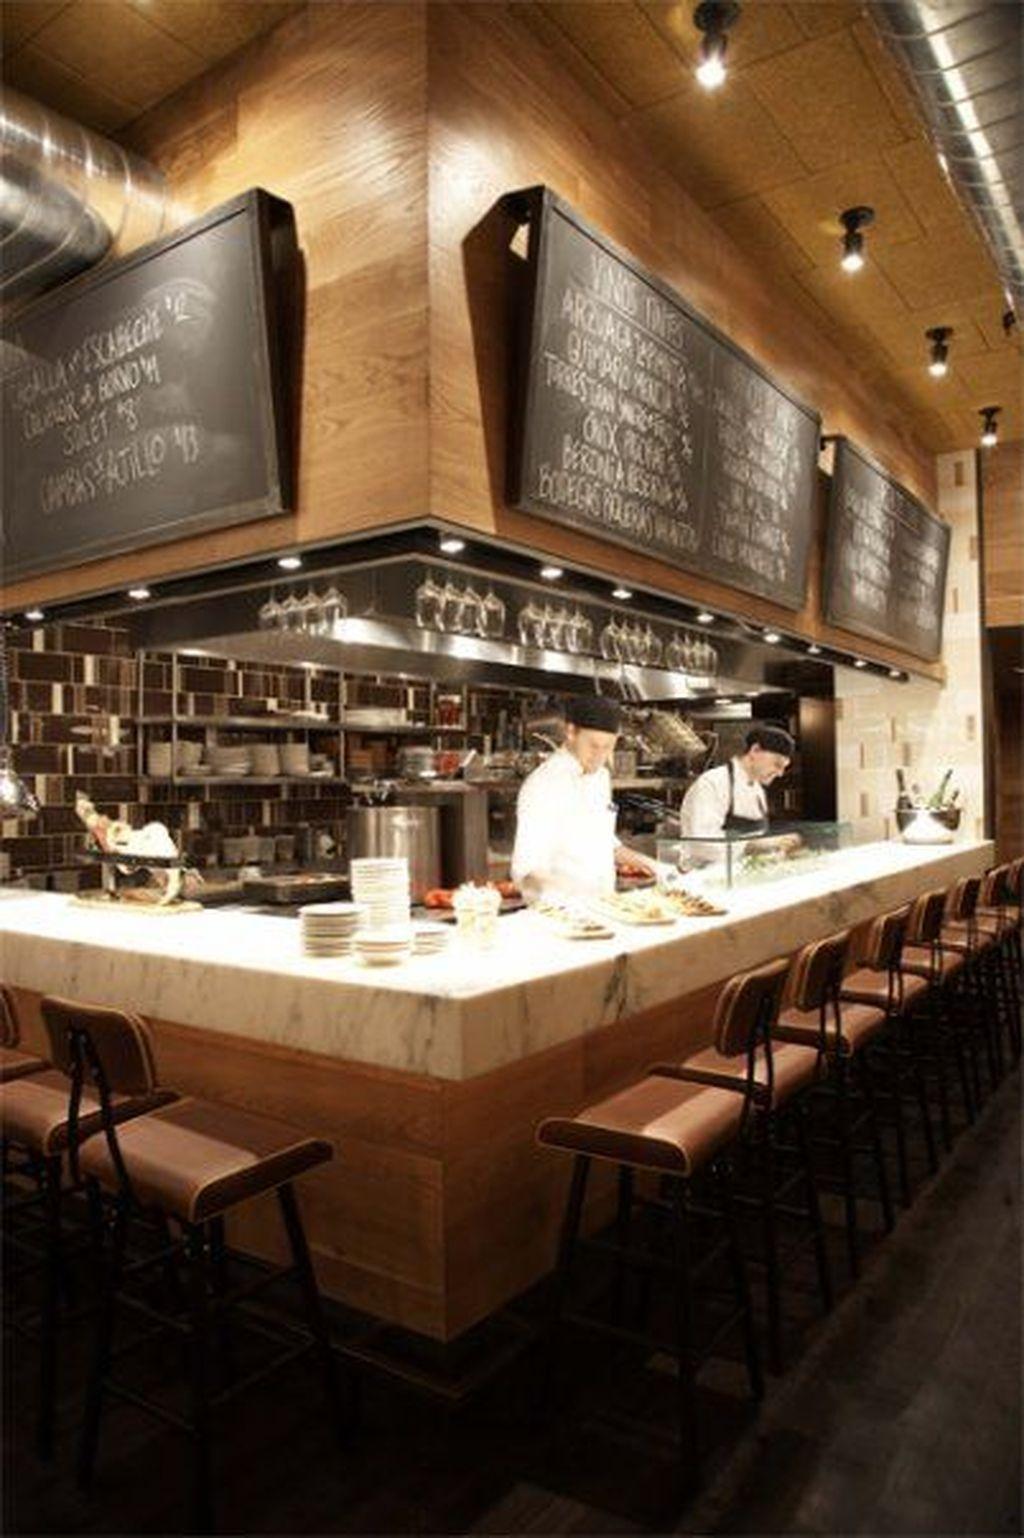 Restaurantkitchendesign Kitchen Design Ideas In 2019 Restaurant